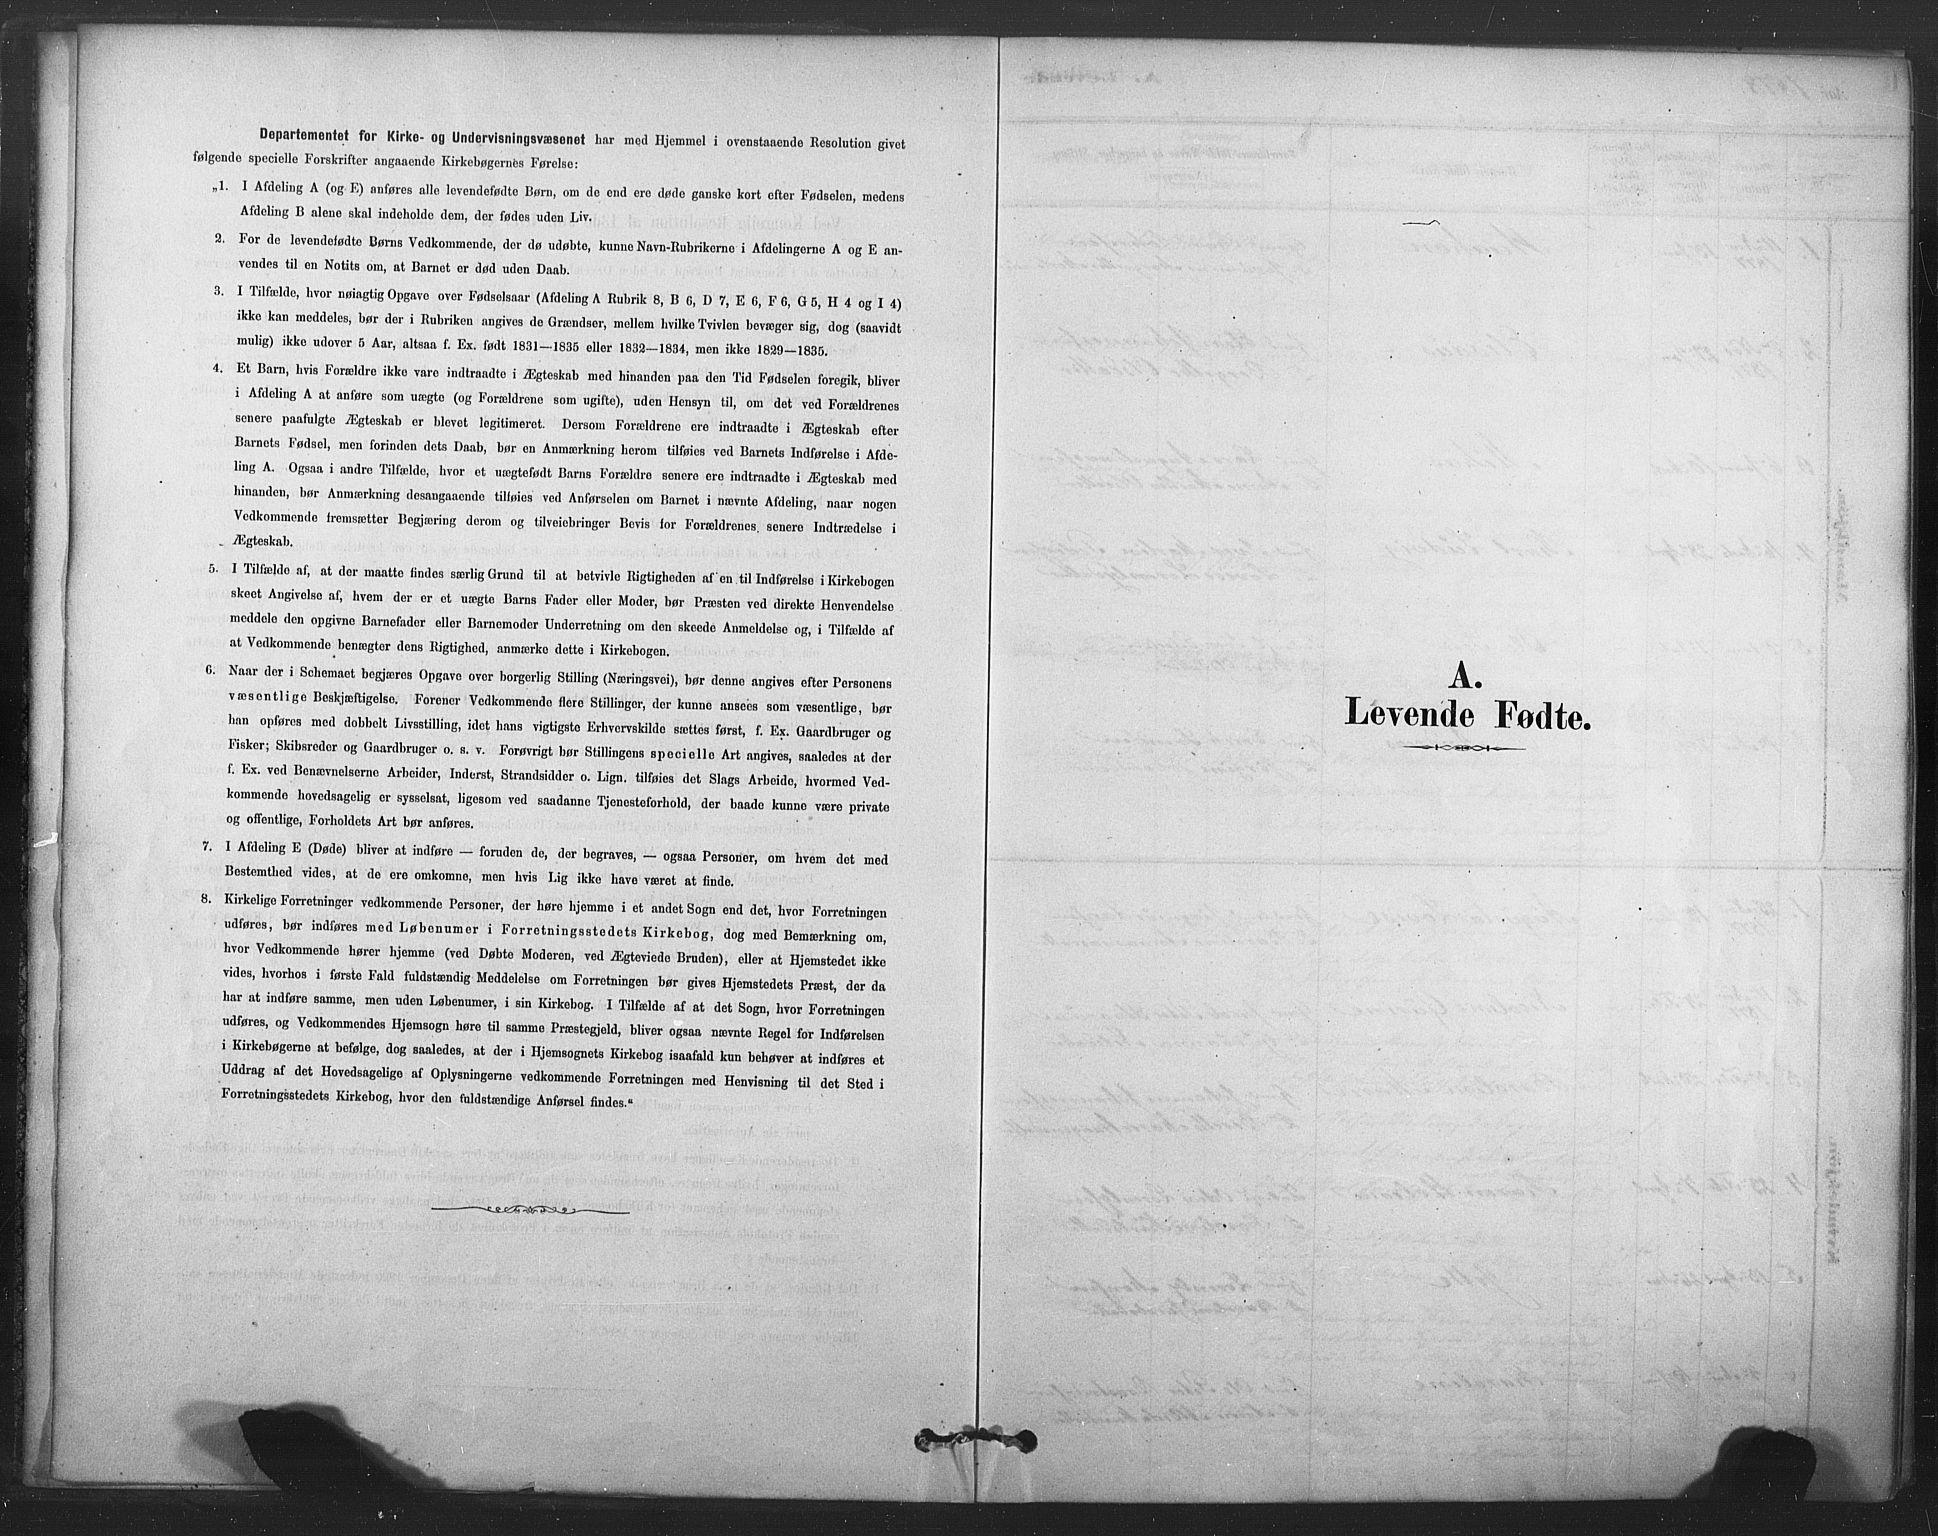 SAT, Ministerialprotokoller, klokkerbøker og fødselsregistre - Nord-Trøndelag, 719/L0178: Ministerialbok nr. 719A01, 1878-1900